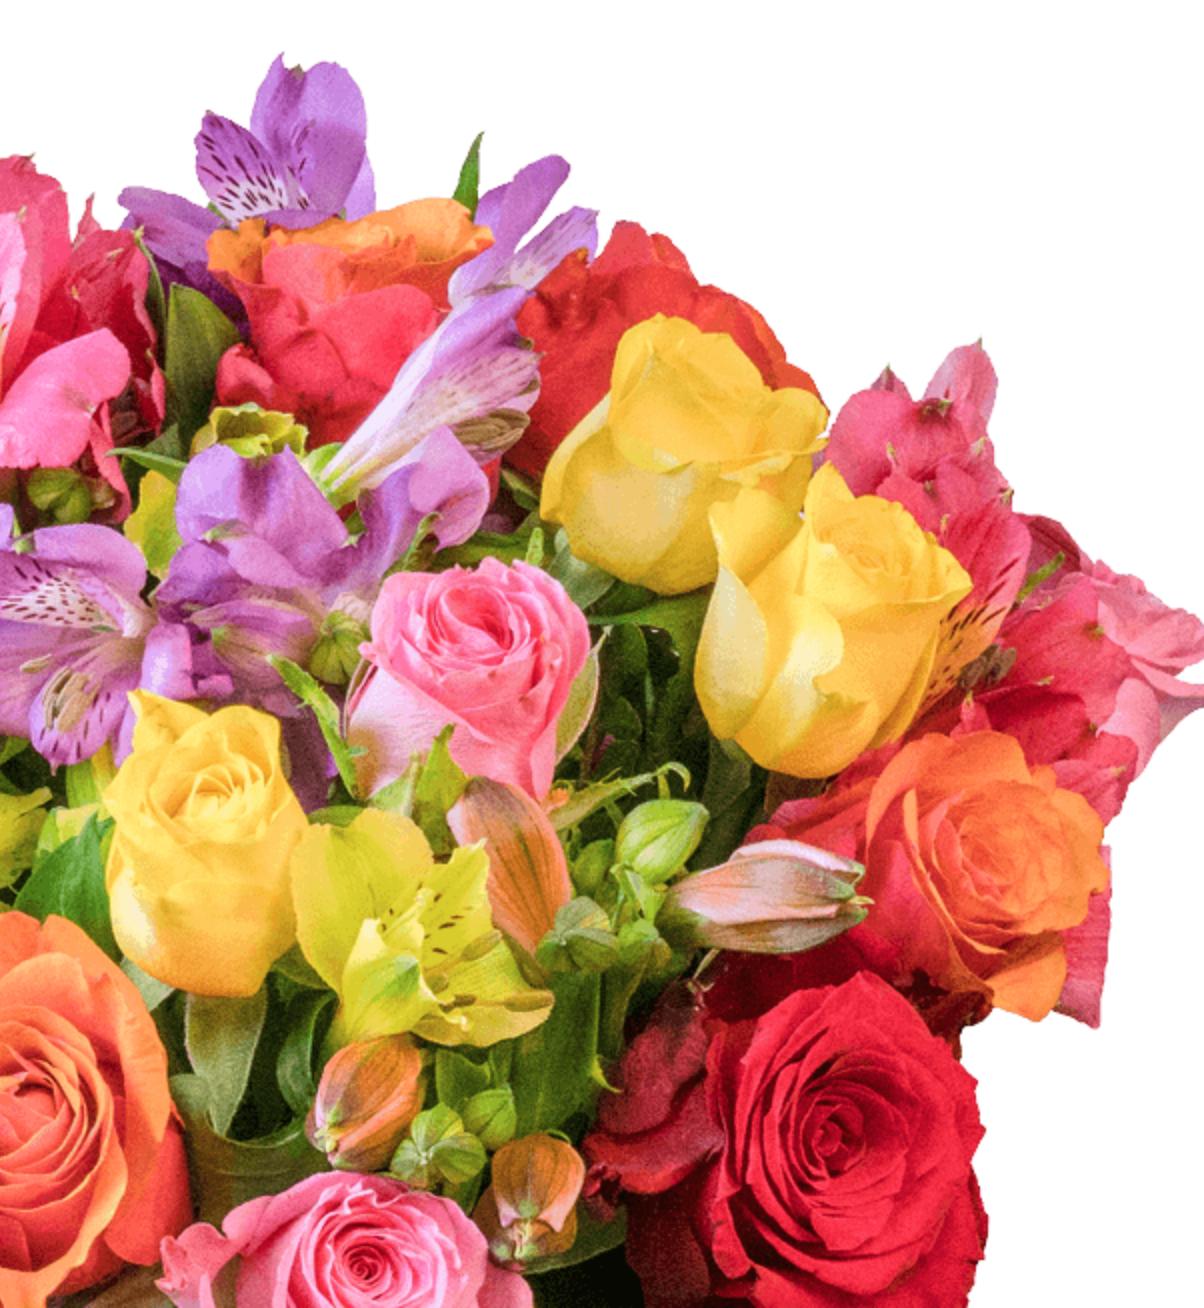 Rosenstrauß 'Farbspiel' mit Rosen und Inkalilien - 30 Stiele und bis zu 100 Blüten